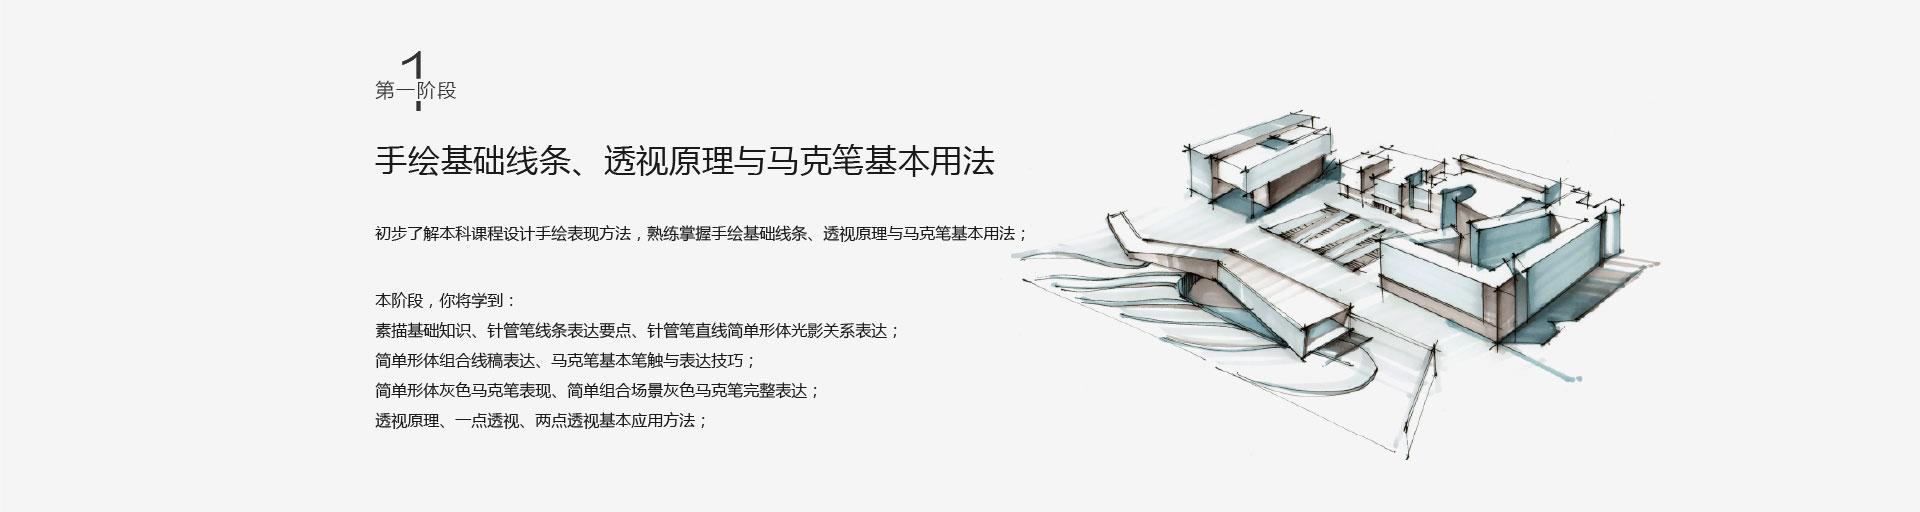 规划手绘_05.jpg